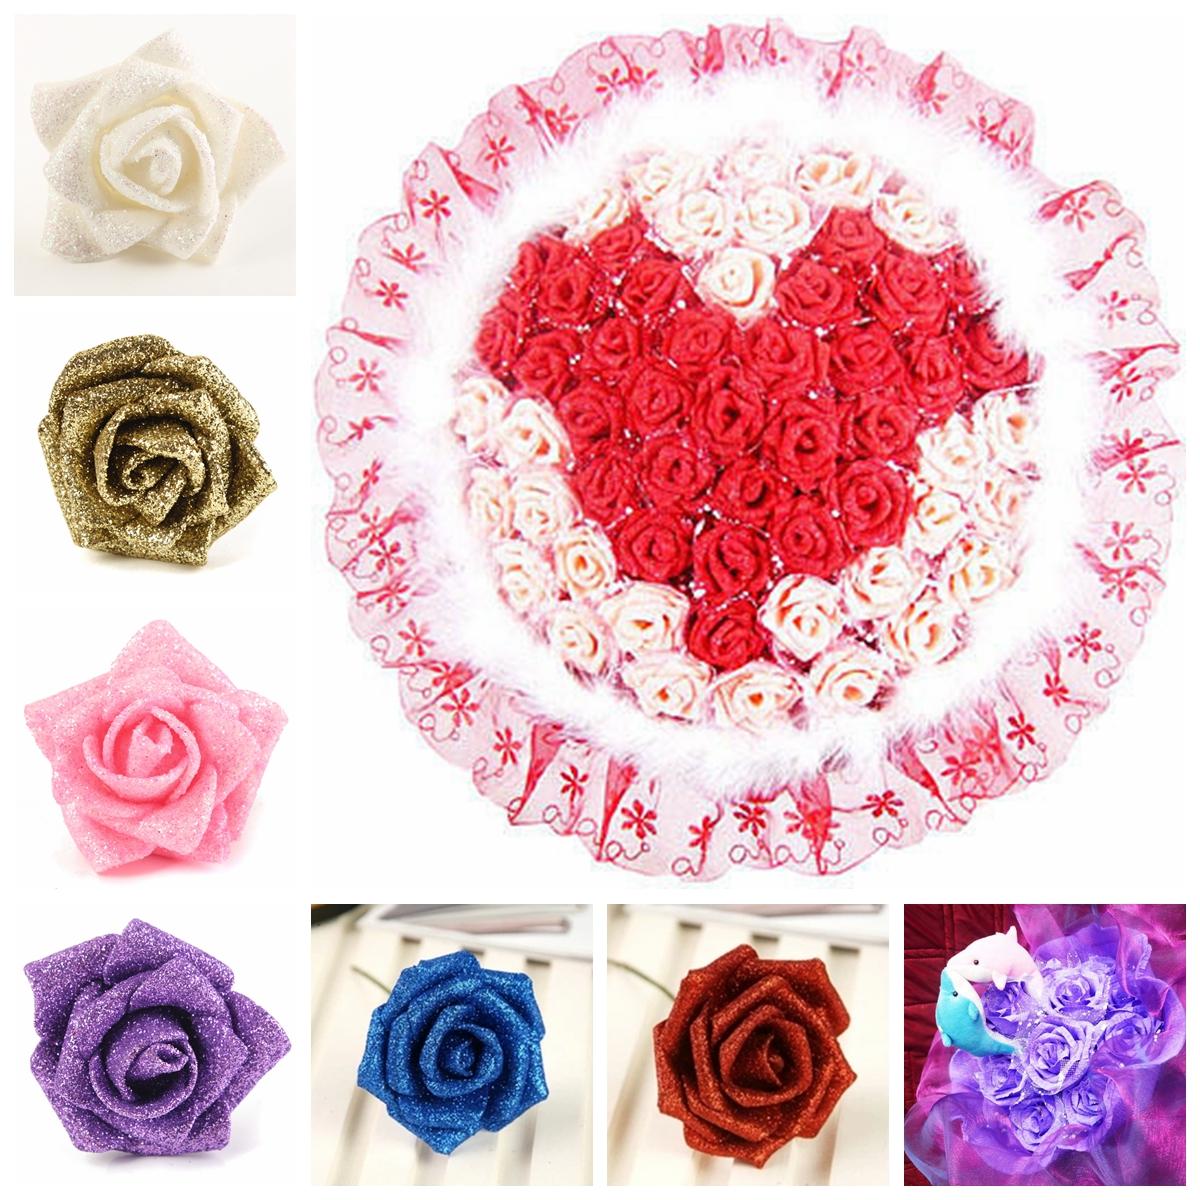 4 6 10 papier pompon de soie fleurs de mariage d coration - Decoration fleur mariage ...